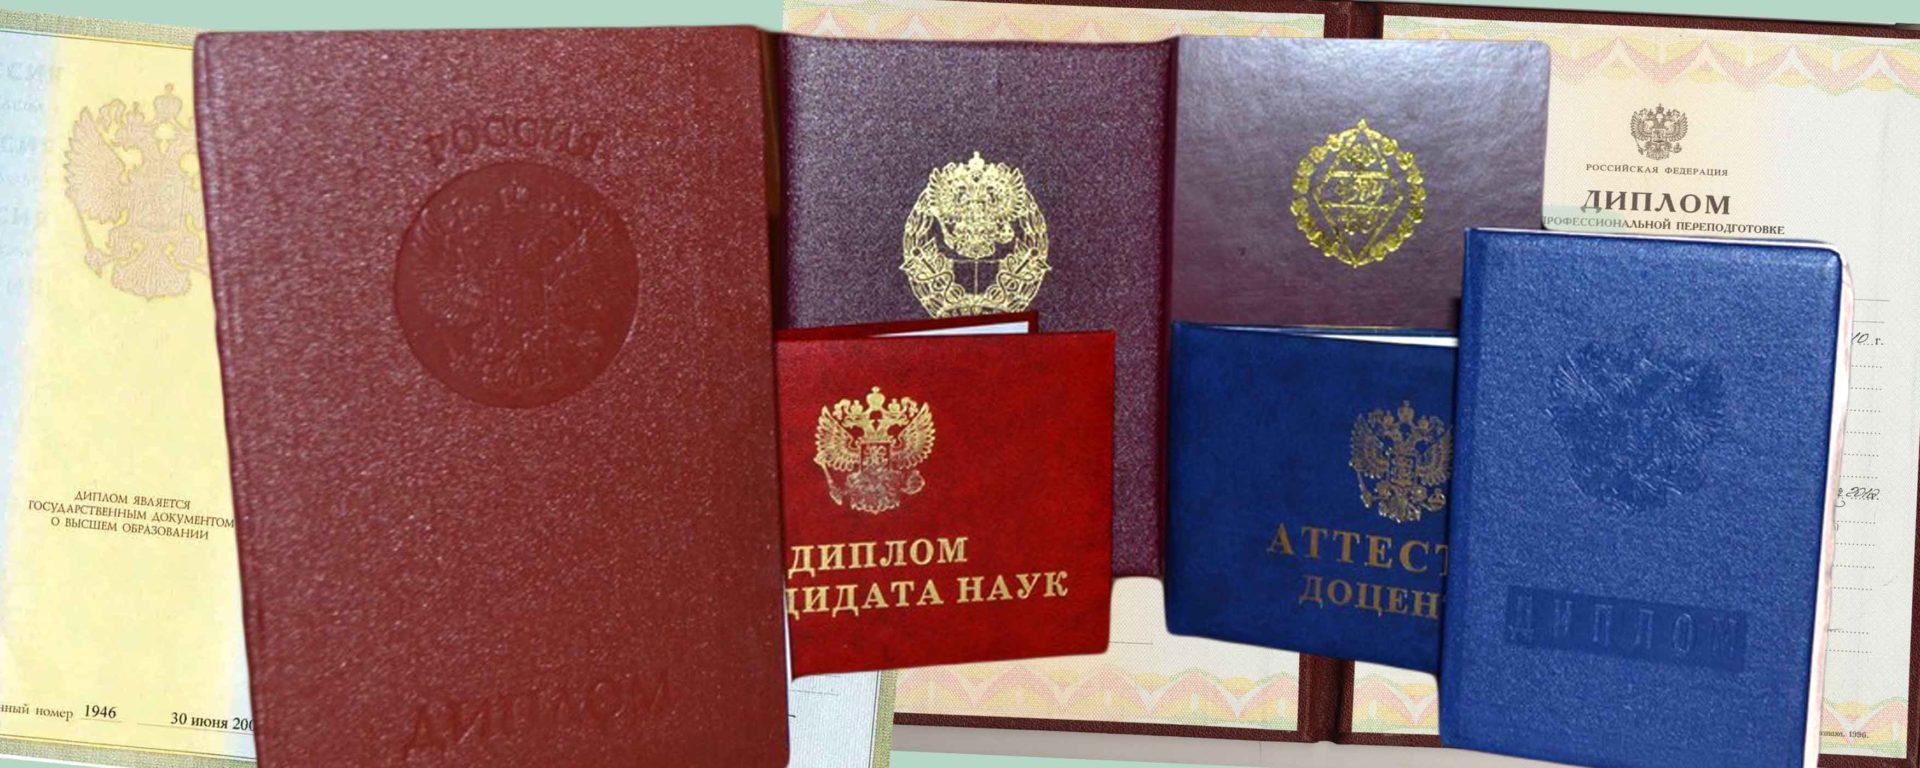 Признание диплома в Болгарии